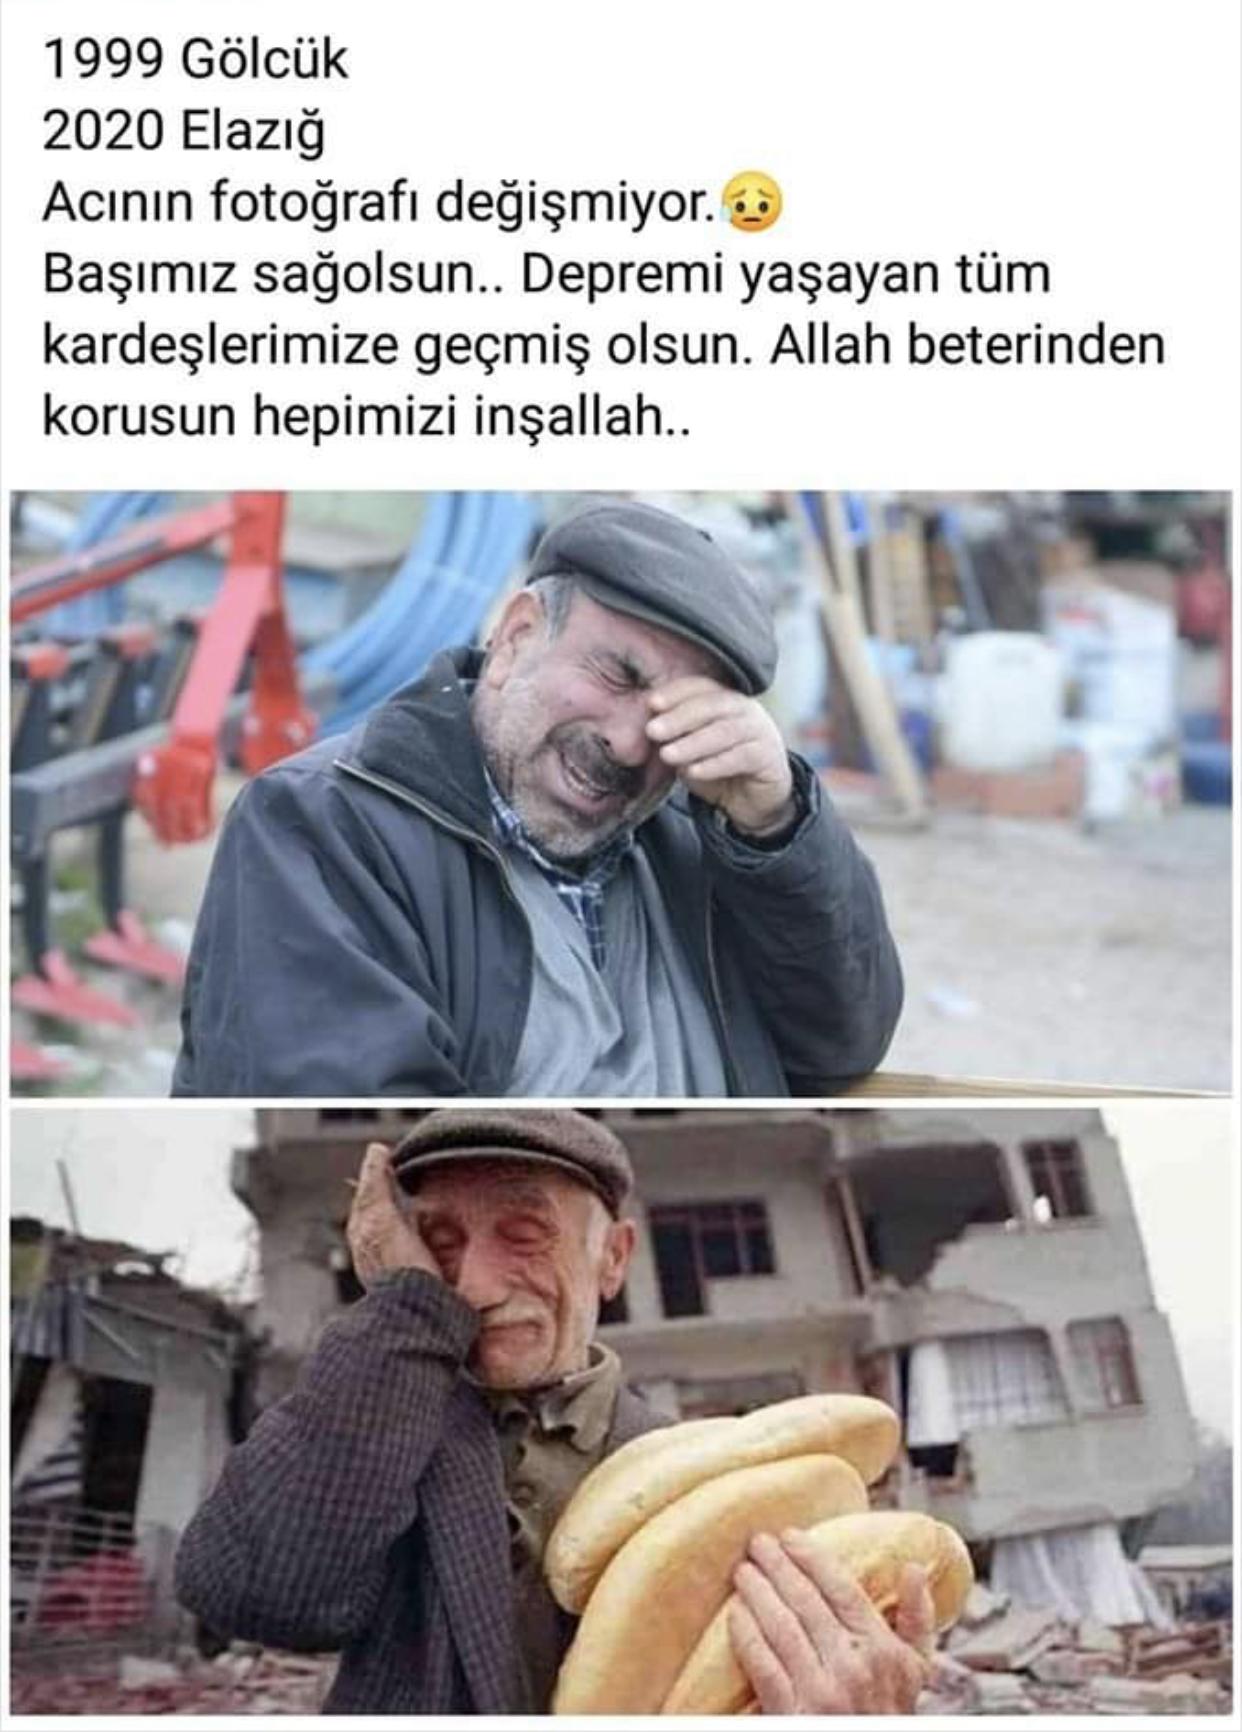 Elazığ Sivrice'de 6.8 Büyüklüğünde Deprem Oldu. Her Depremden Sonra Acının Fotoğrafı Değişmiyor.